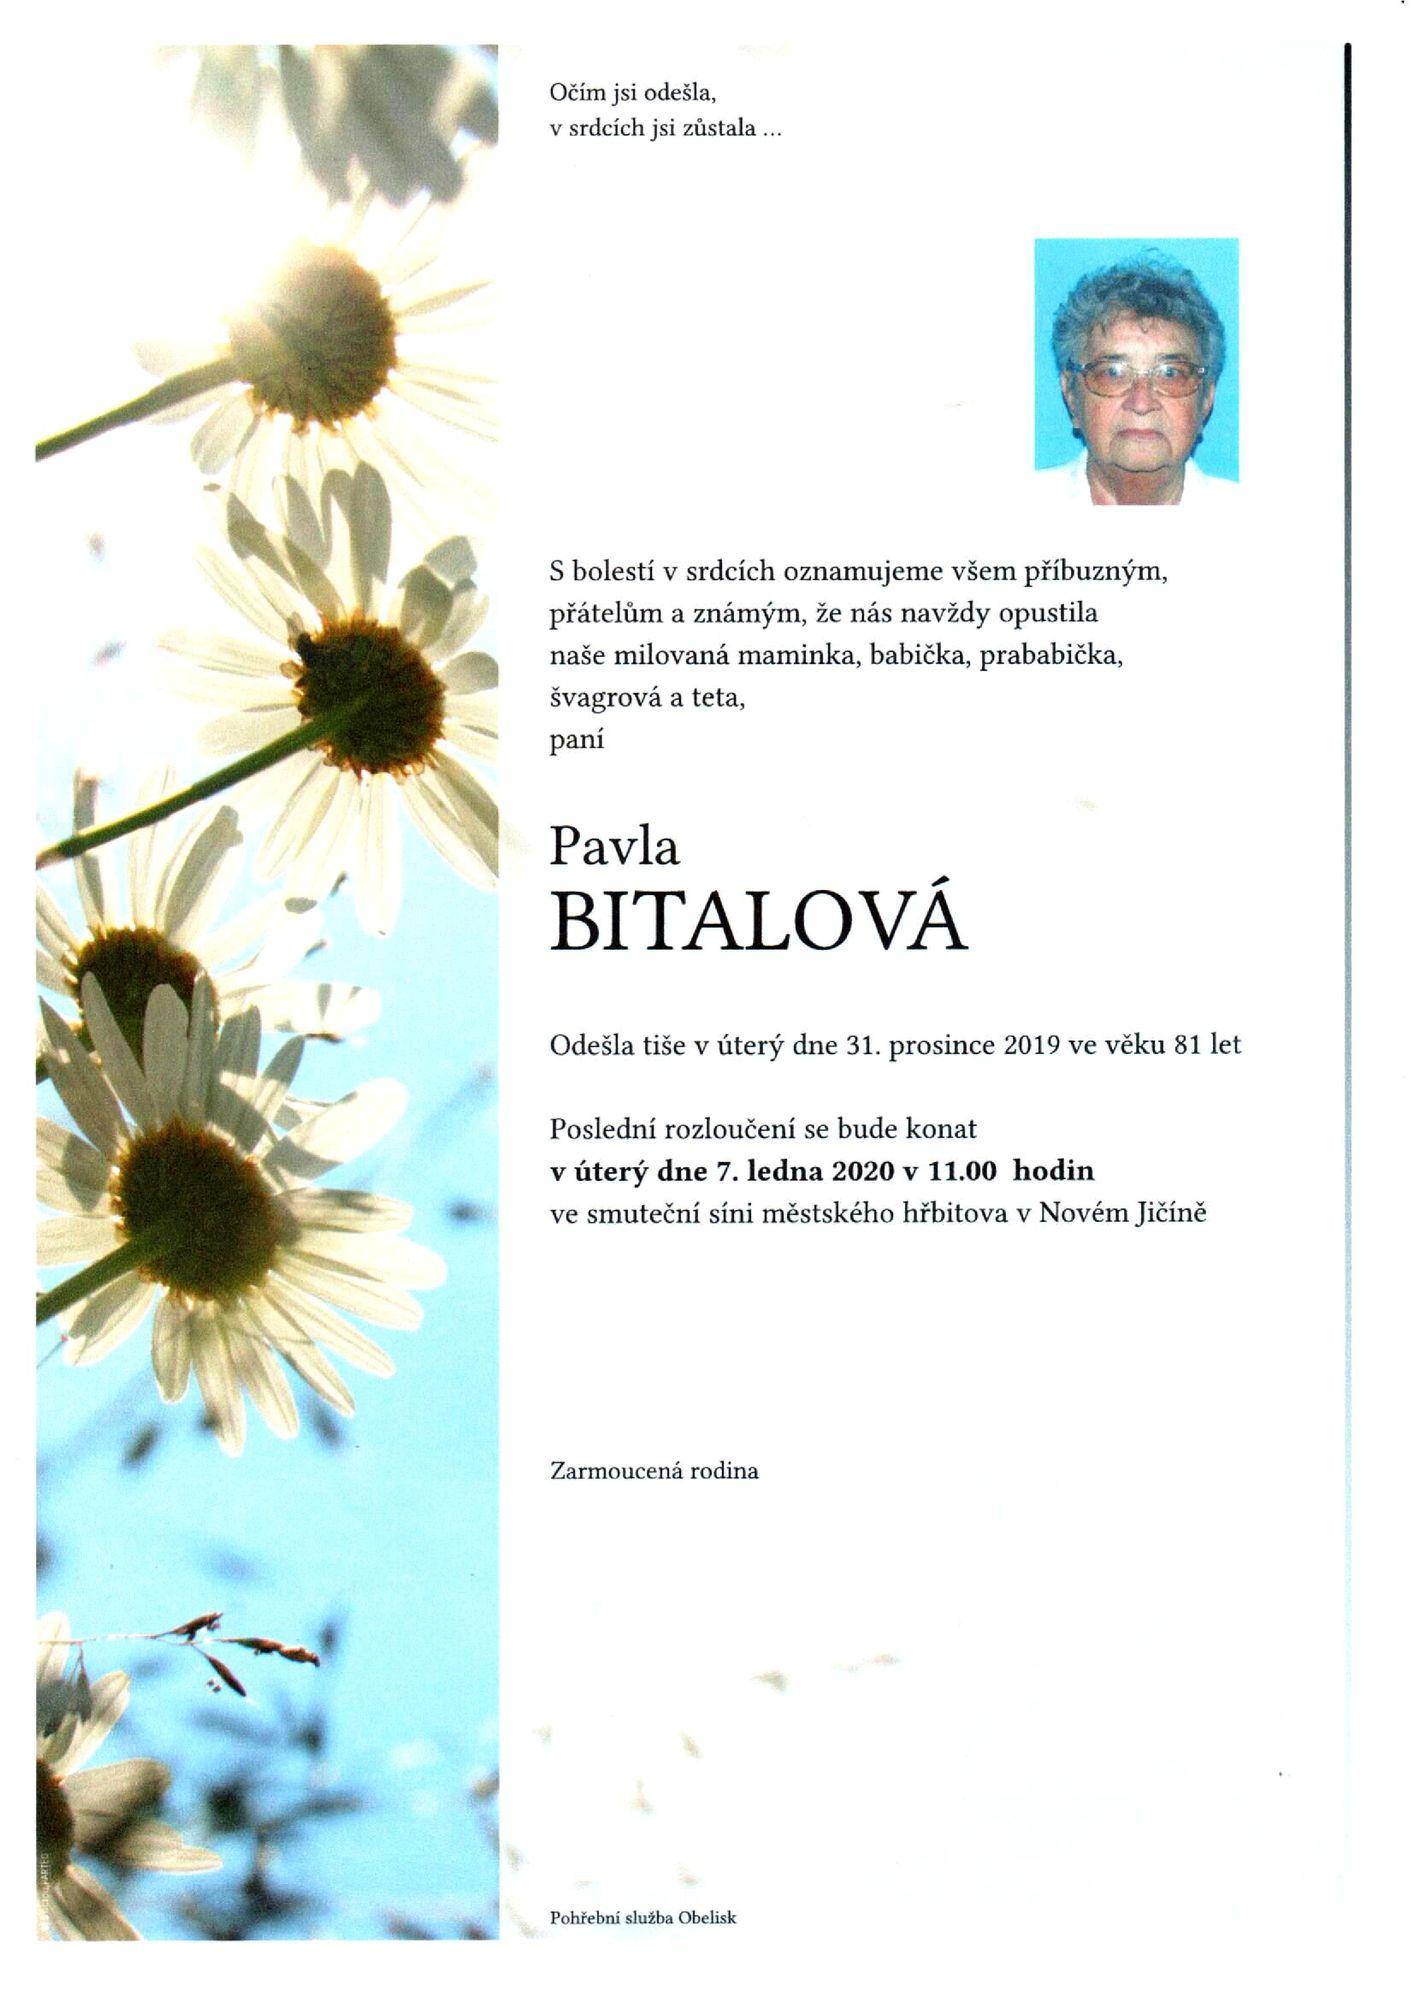 Pavla Bitalová